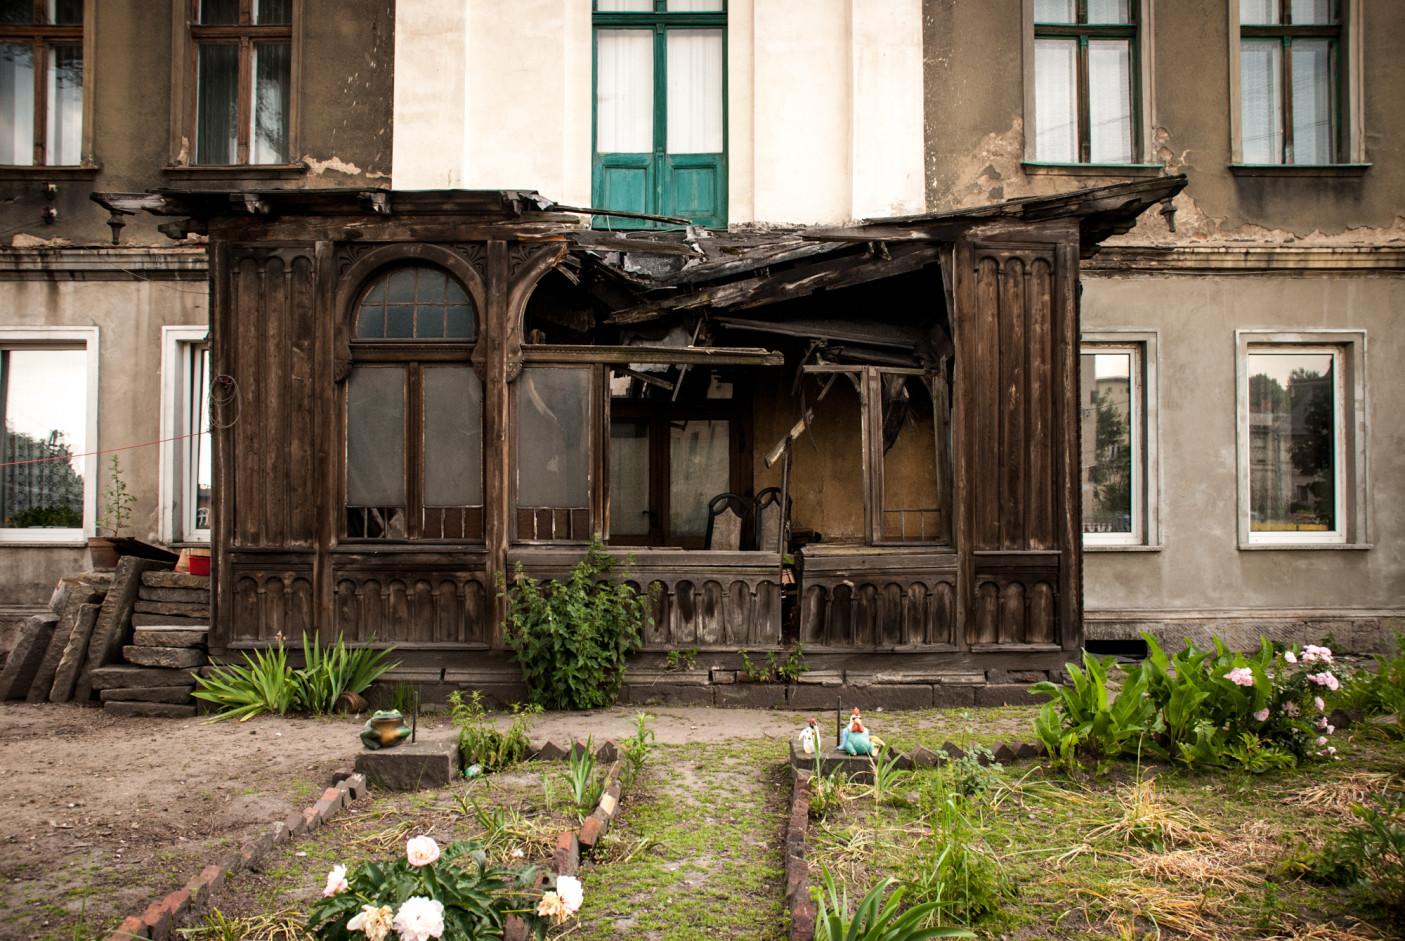 Trudno mi to opisać. Dobry przykład tego, jak mieszkańcy jednego budynku nie potrafią, nie mogą, nie chcą się dogadać, aby naprawić przybudówkę. Ktoś tam mieszka, ktoś dba o ogródek na zewnątrz.